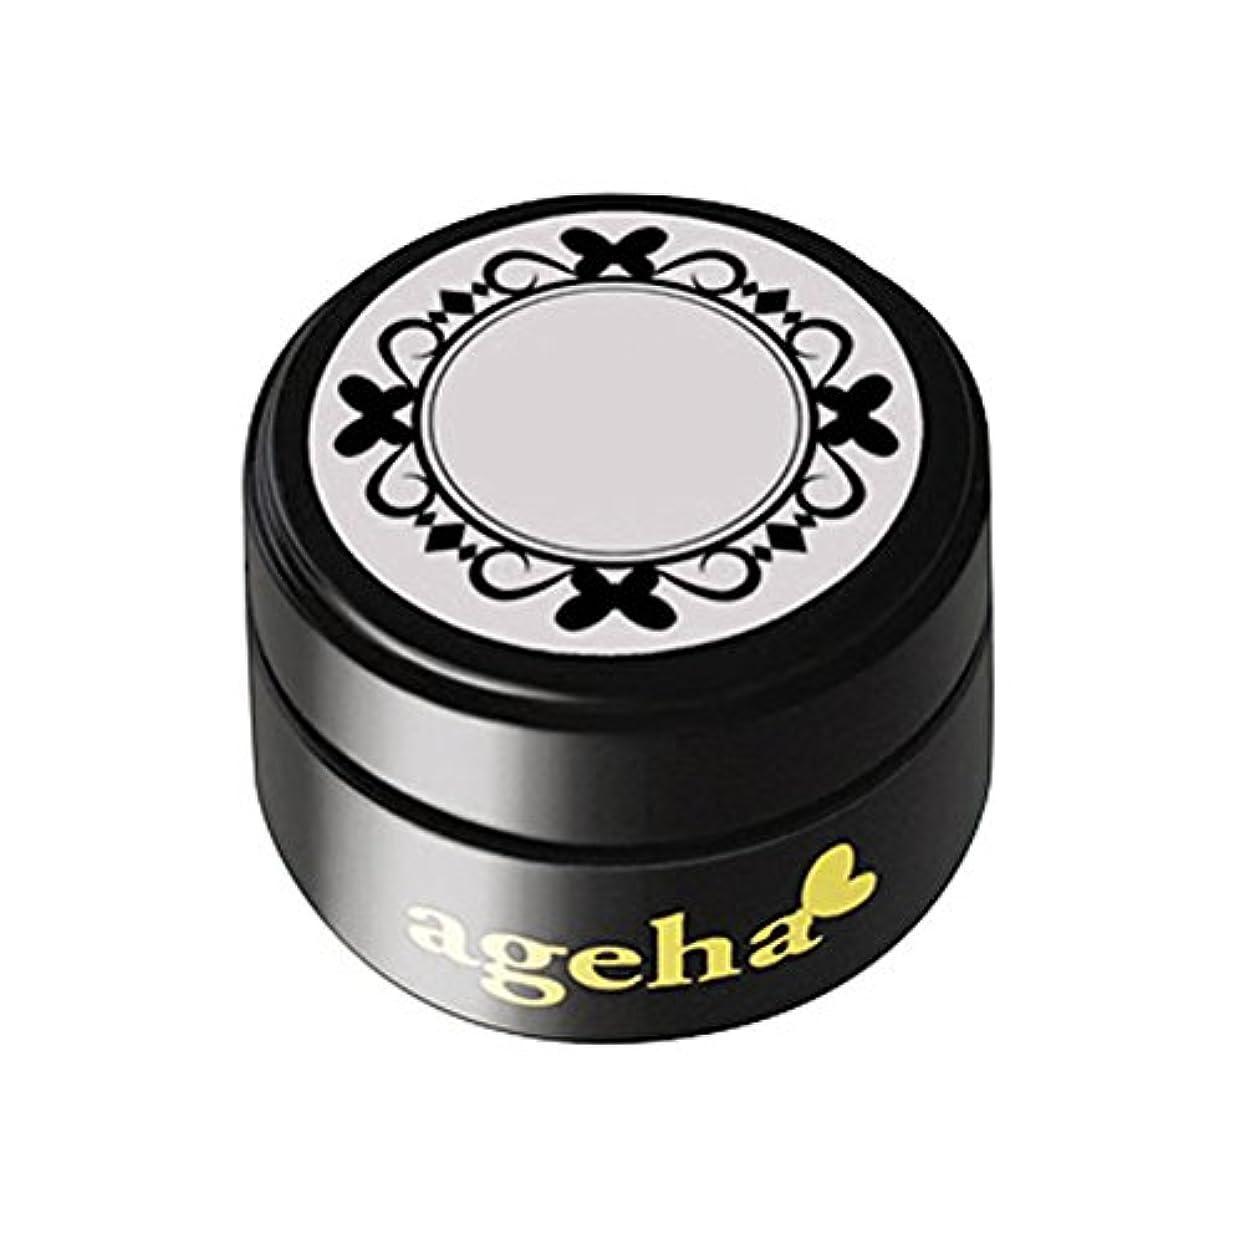 独特のボンド花瓶ageha gel カラージェル コスメカラー 216 ノスタルジー 2.7g UV/LED対応